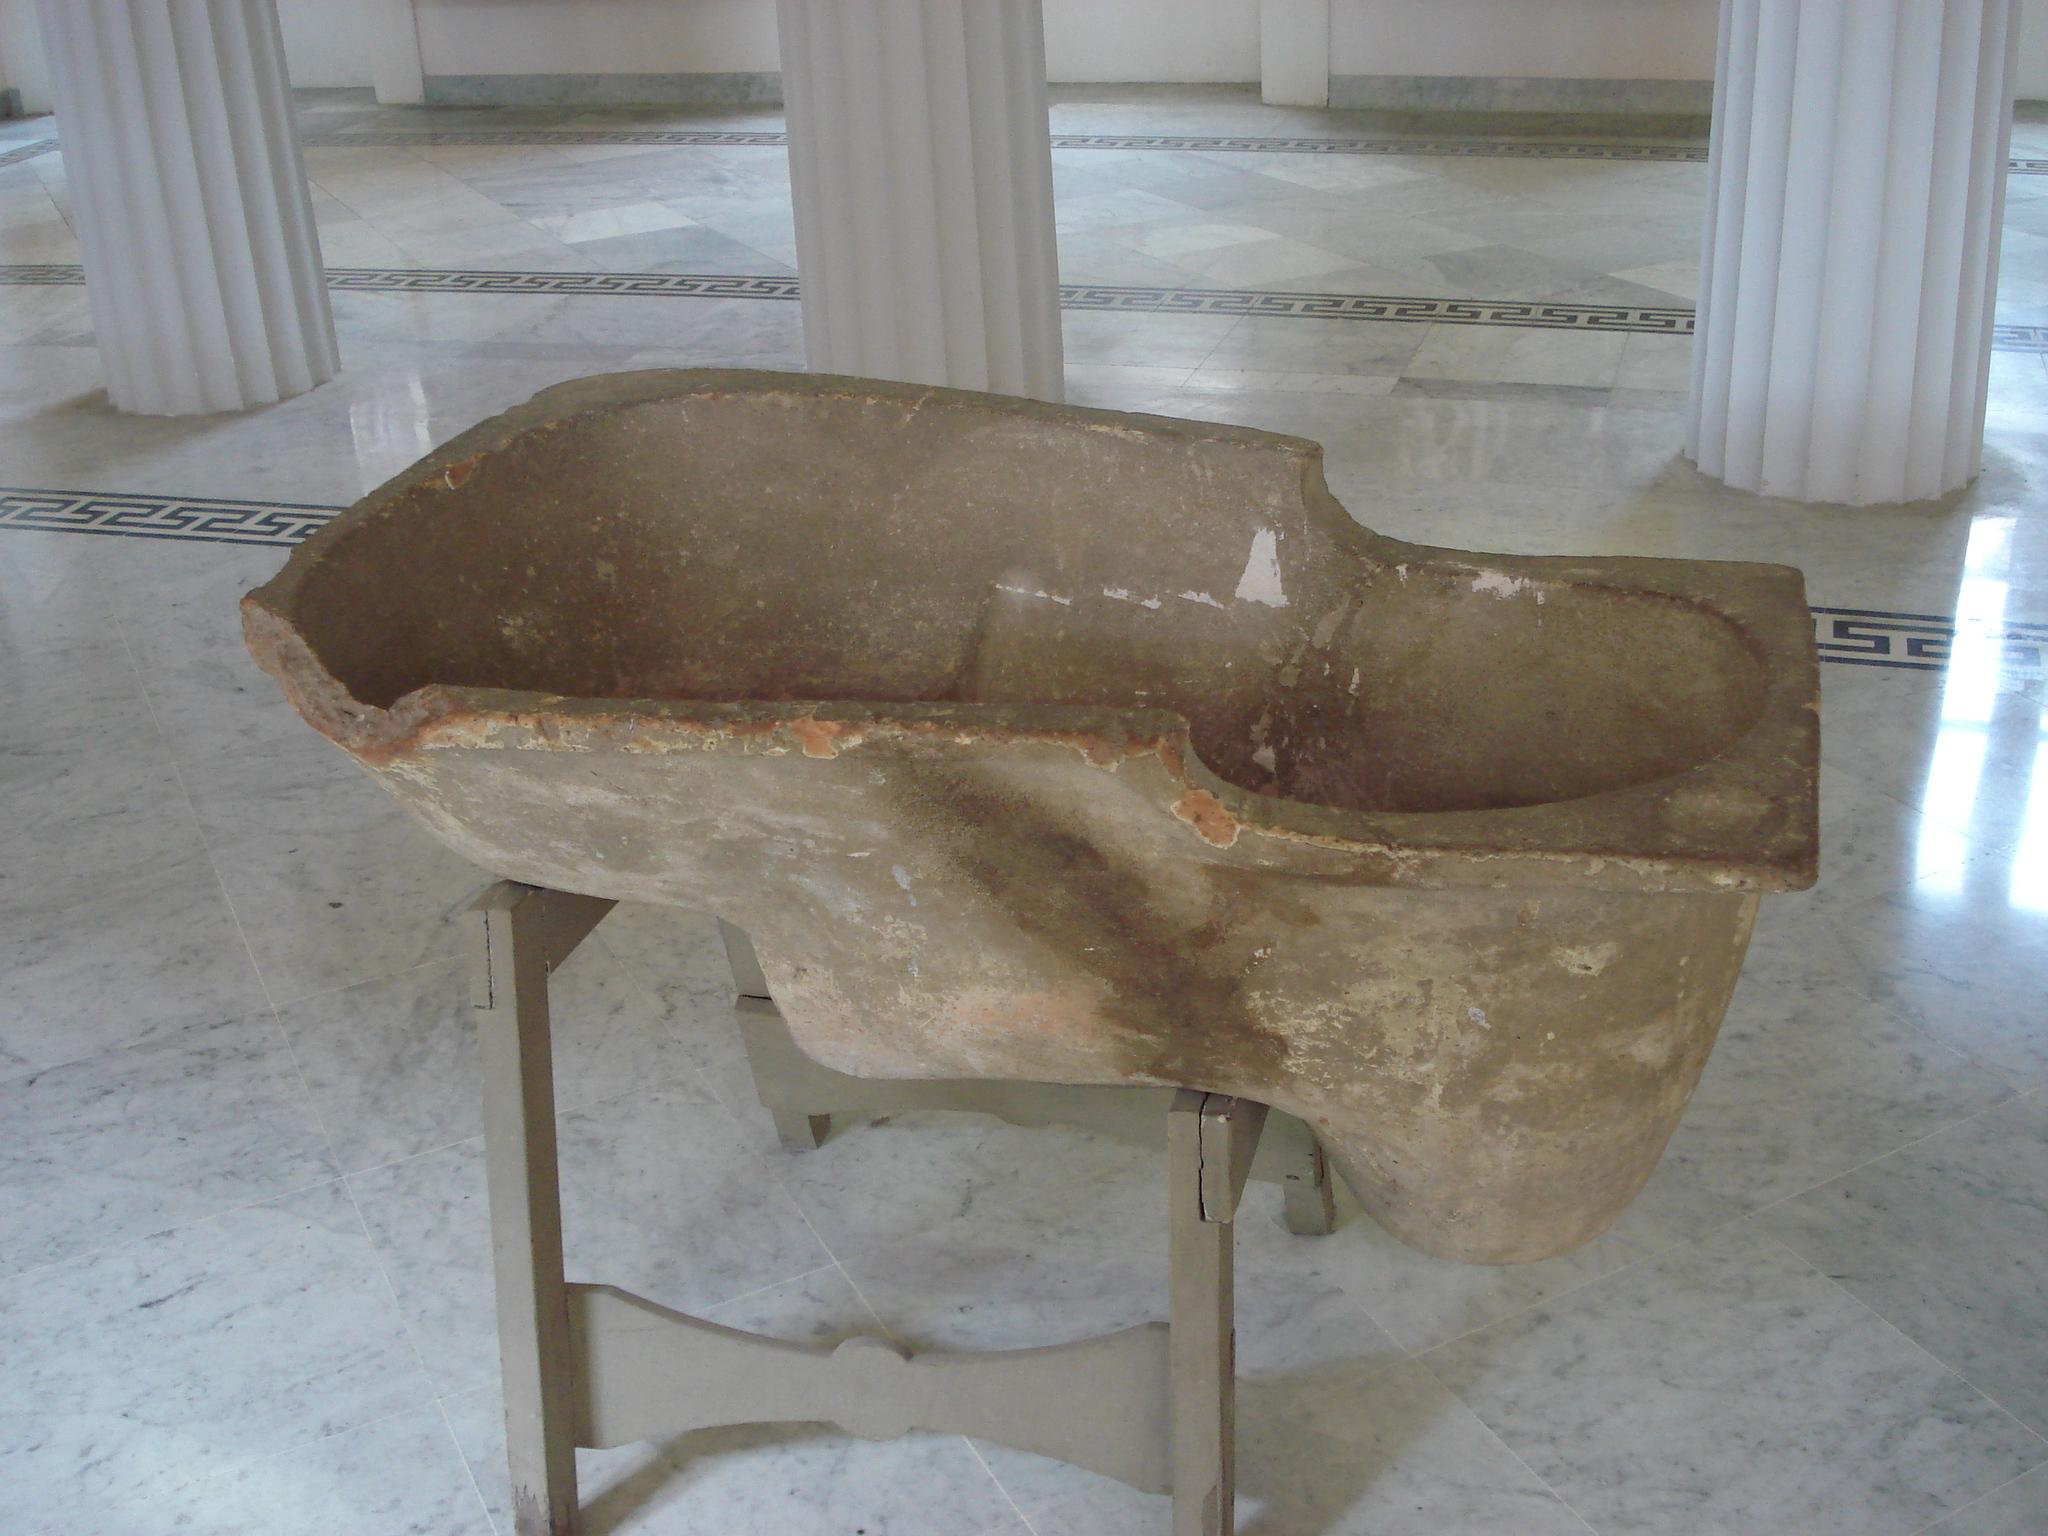 Vasca Da Bagno Wikipedia : File:dsc00139 vasca da bagno in terracotta foto di g. dallorto